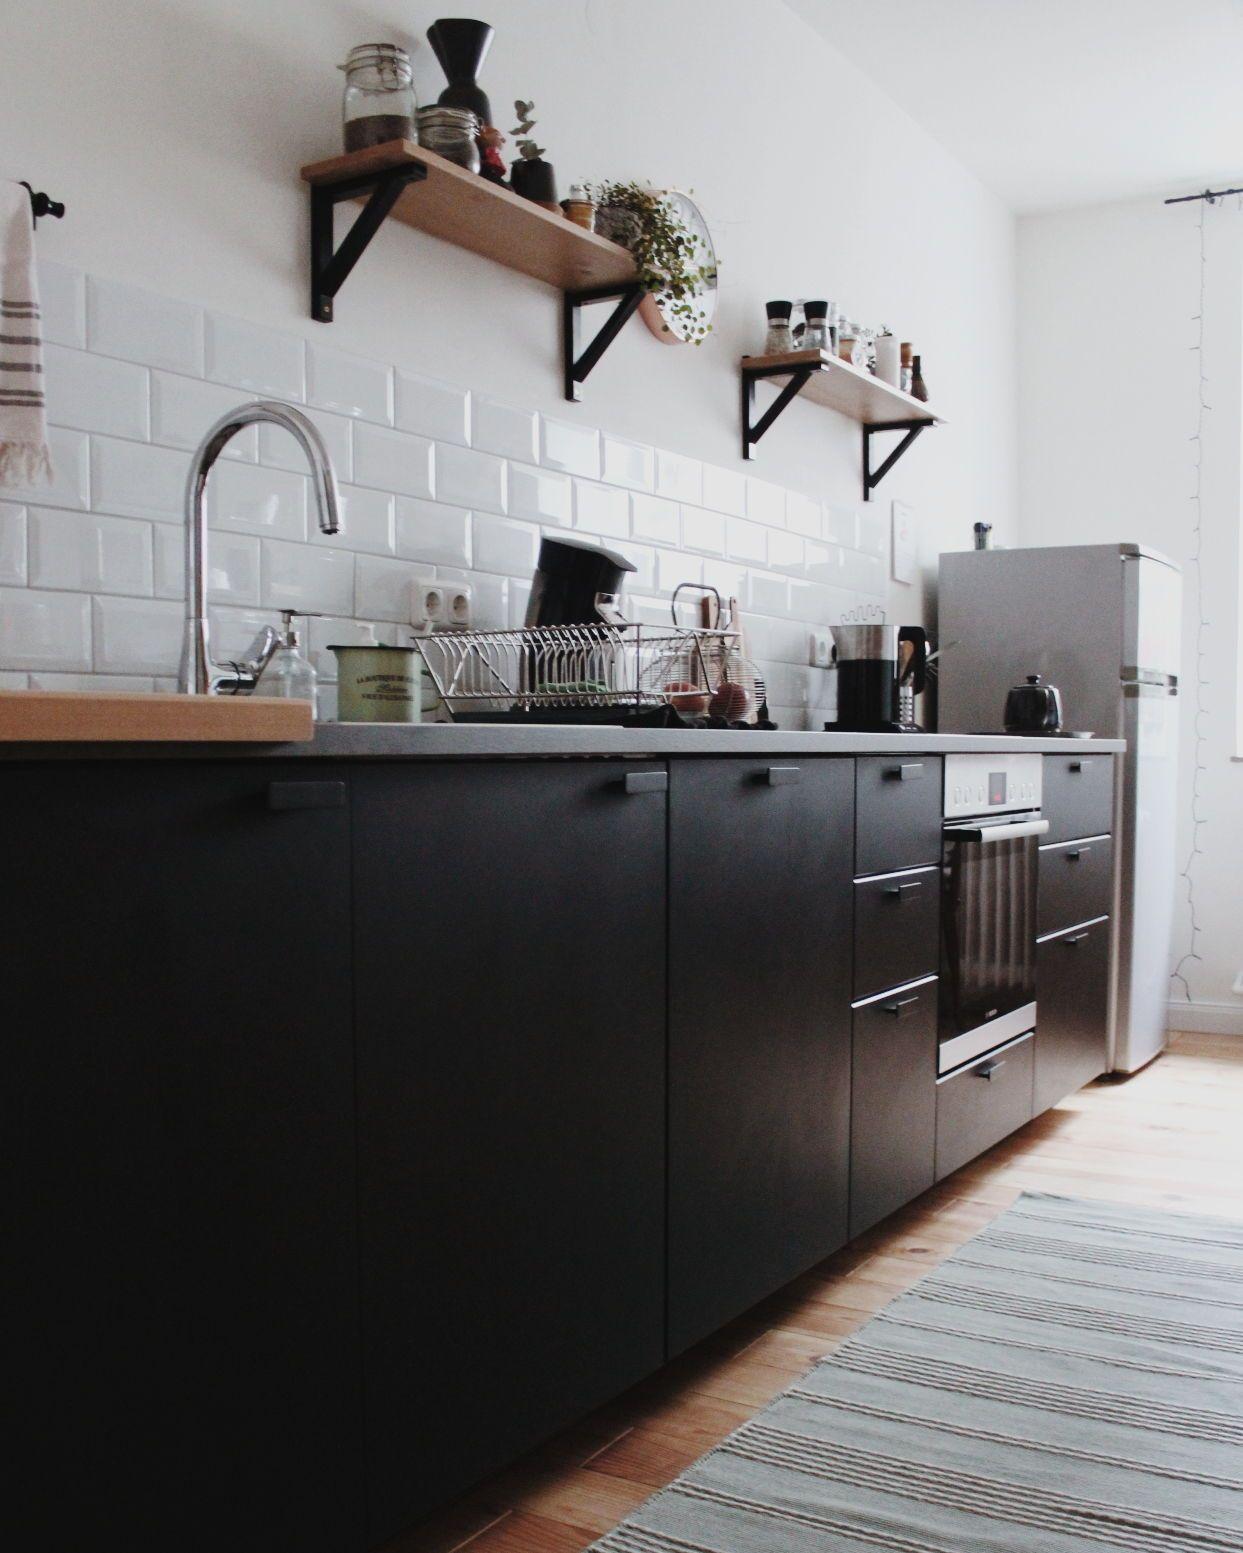 Tolle Ideen und Bilder zu Küchenfronten!